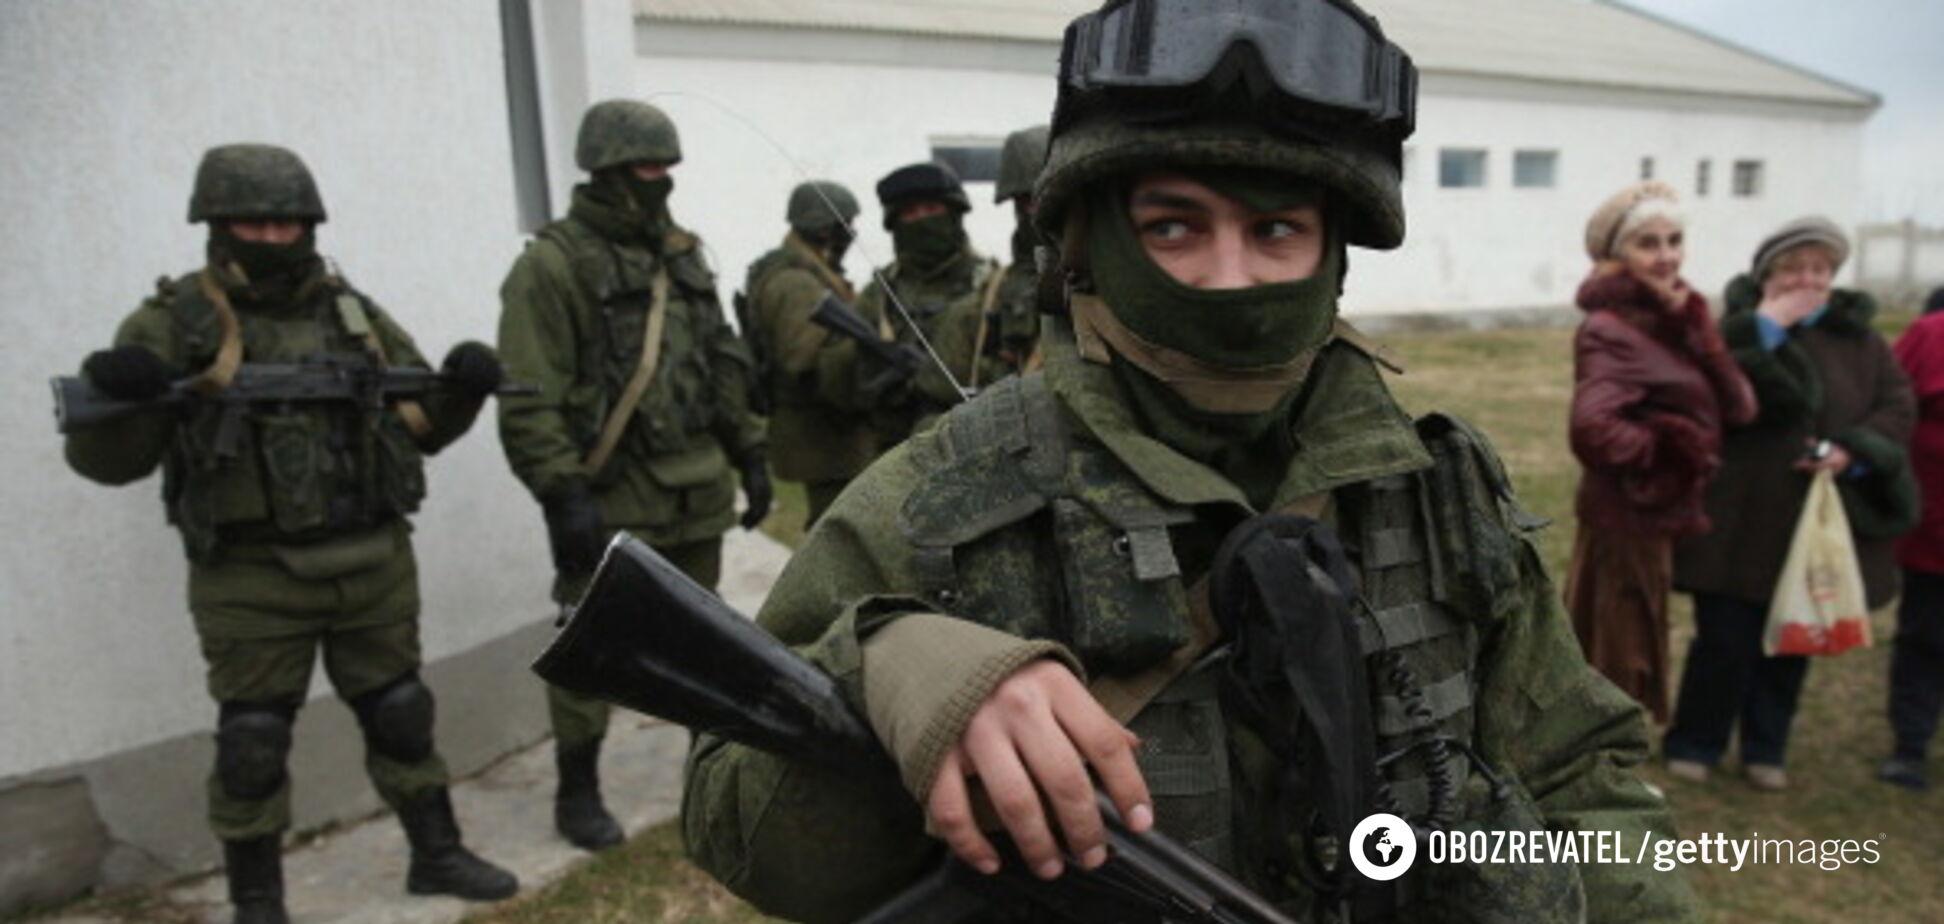 Окупація Криму загрожує всій Європі: Чийгоз зробив різку заяву